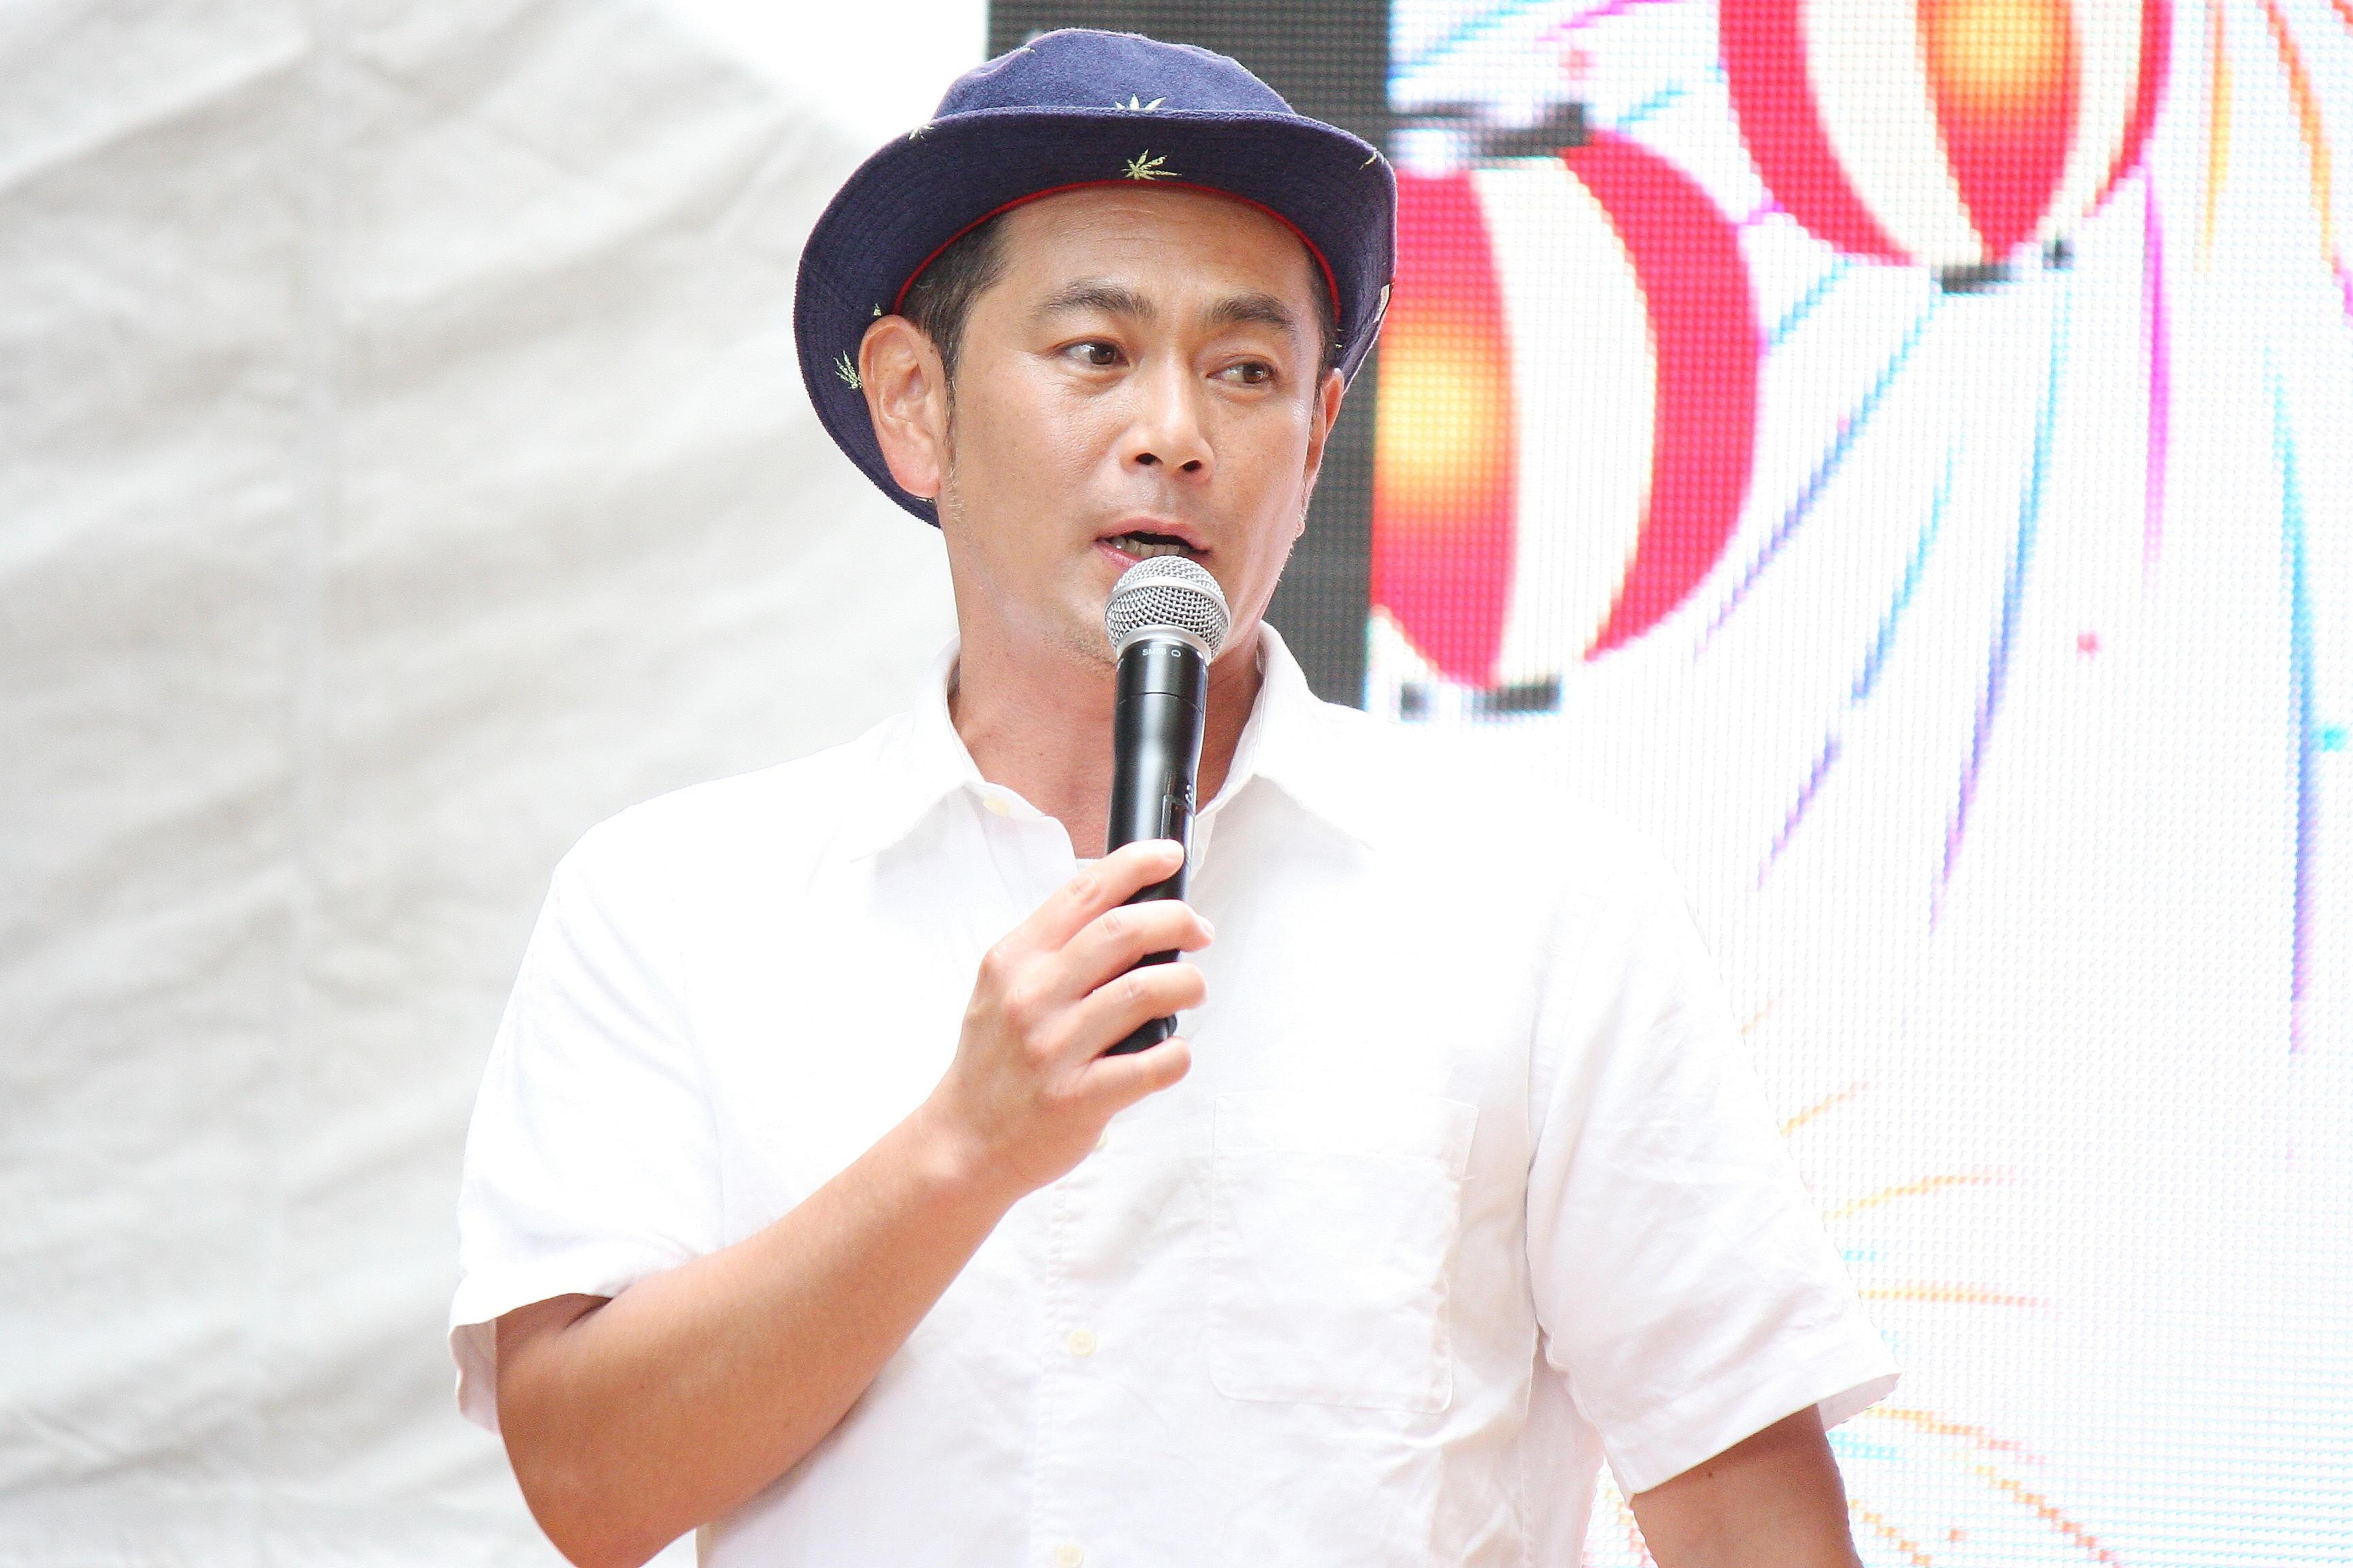 http://news.yoshimoto.co.jp/20180730143203-2586b724364cdbbb9c9bc25acc78364b1b2b8668.jpg